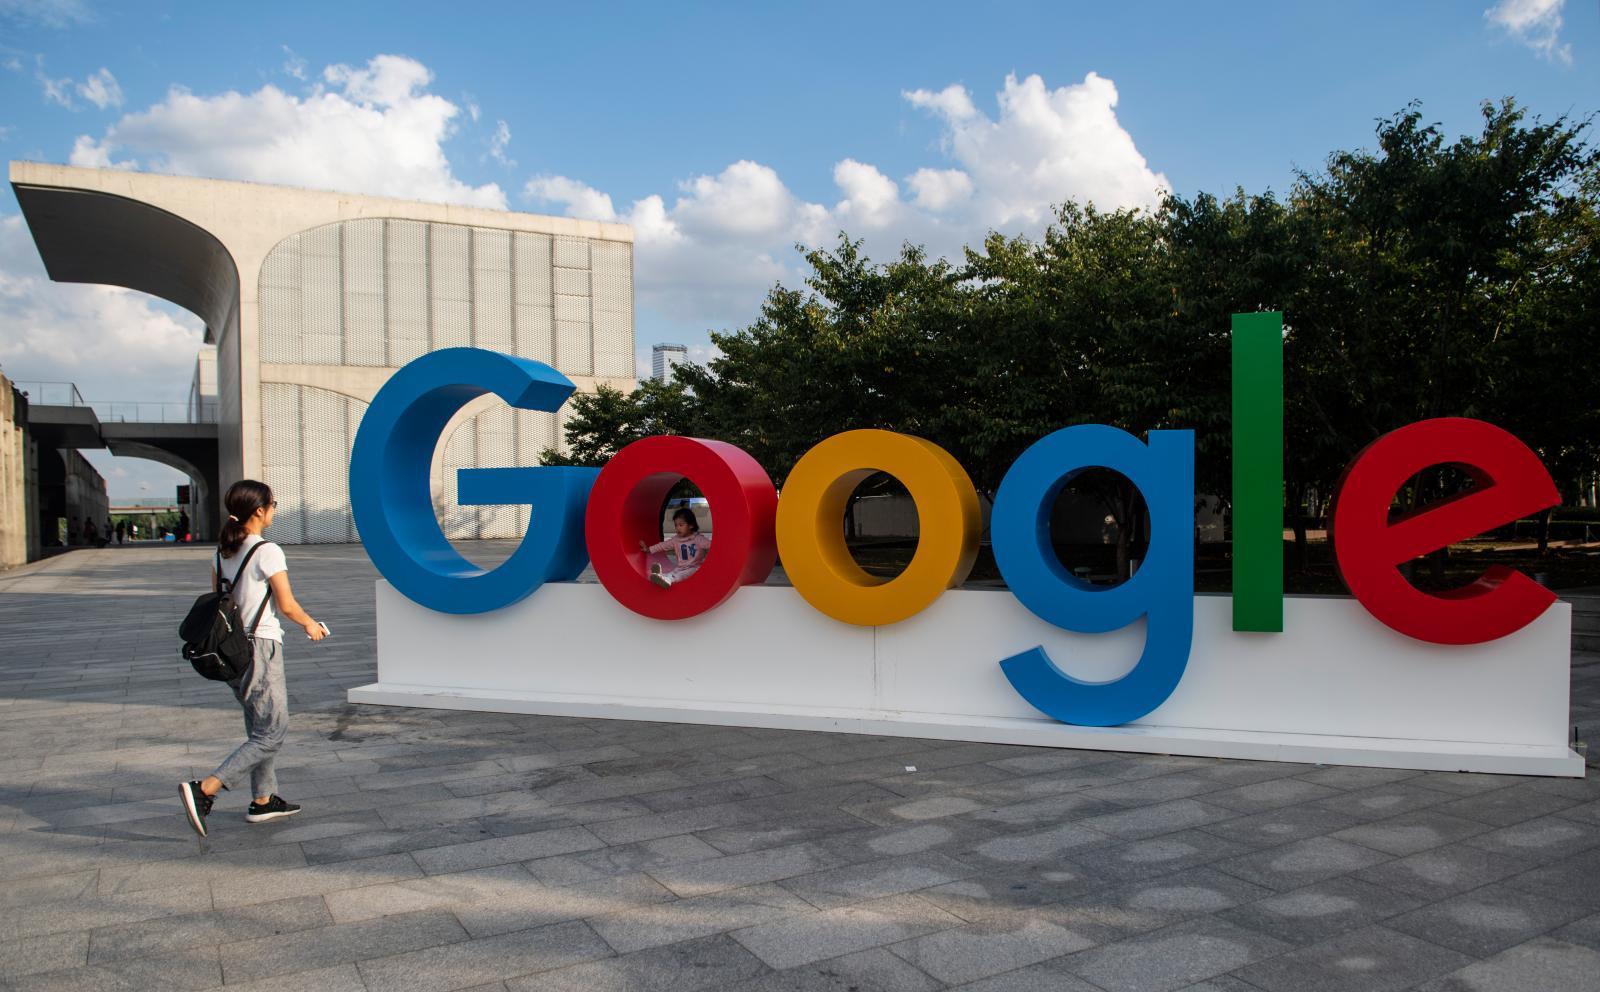 """""""กูเกิลพลัส"""" (Google+) เตรียมปิดตัวถาวร หลังทำข้อมูลผู้ใช้งานรั่ว"""